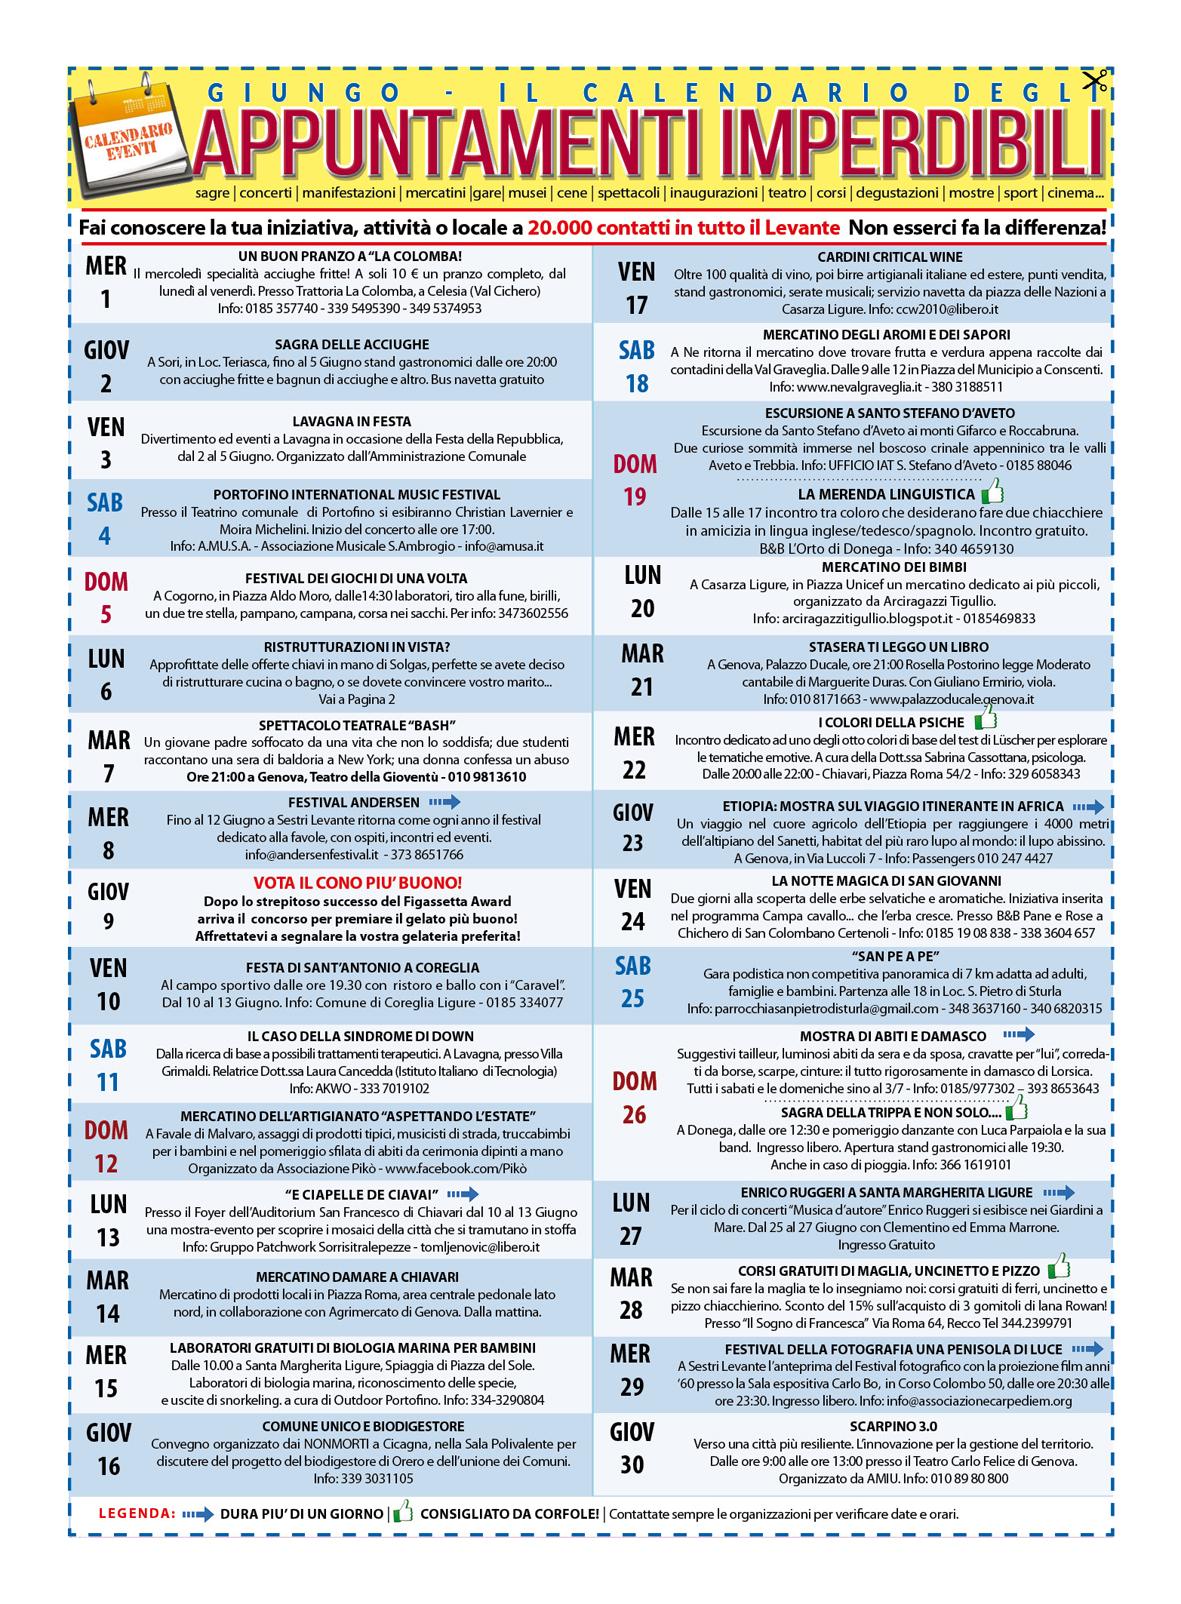 GIUGNO - Il calendario degli eventi imperdibili del Levante e non solo! Sagre, mercatini, concerti, spettacoli, teatro, mostre, corsi e molto altro